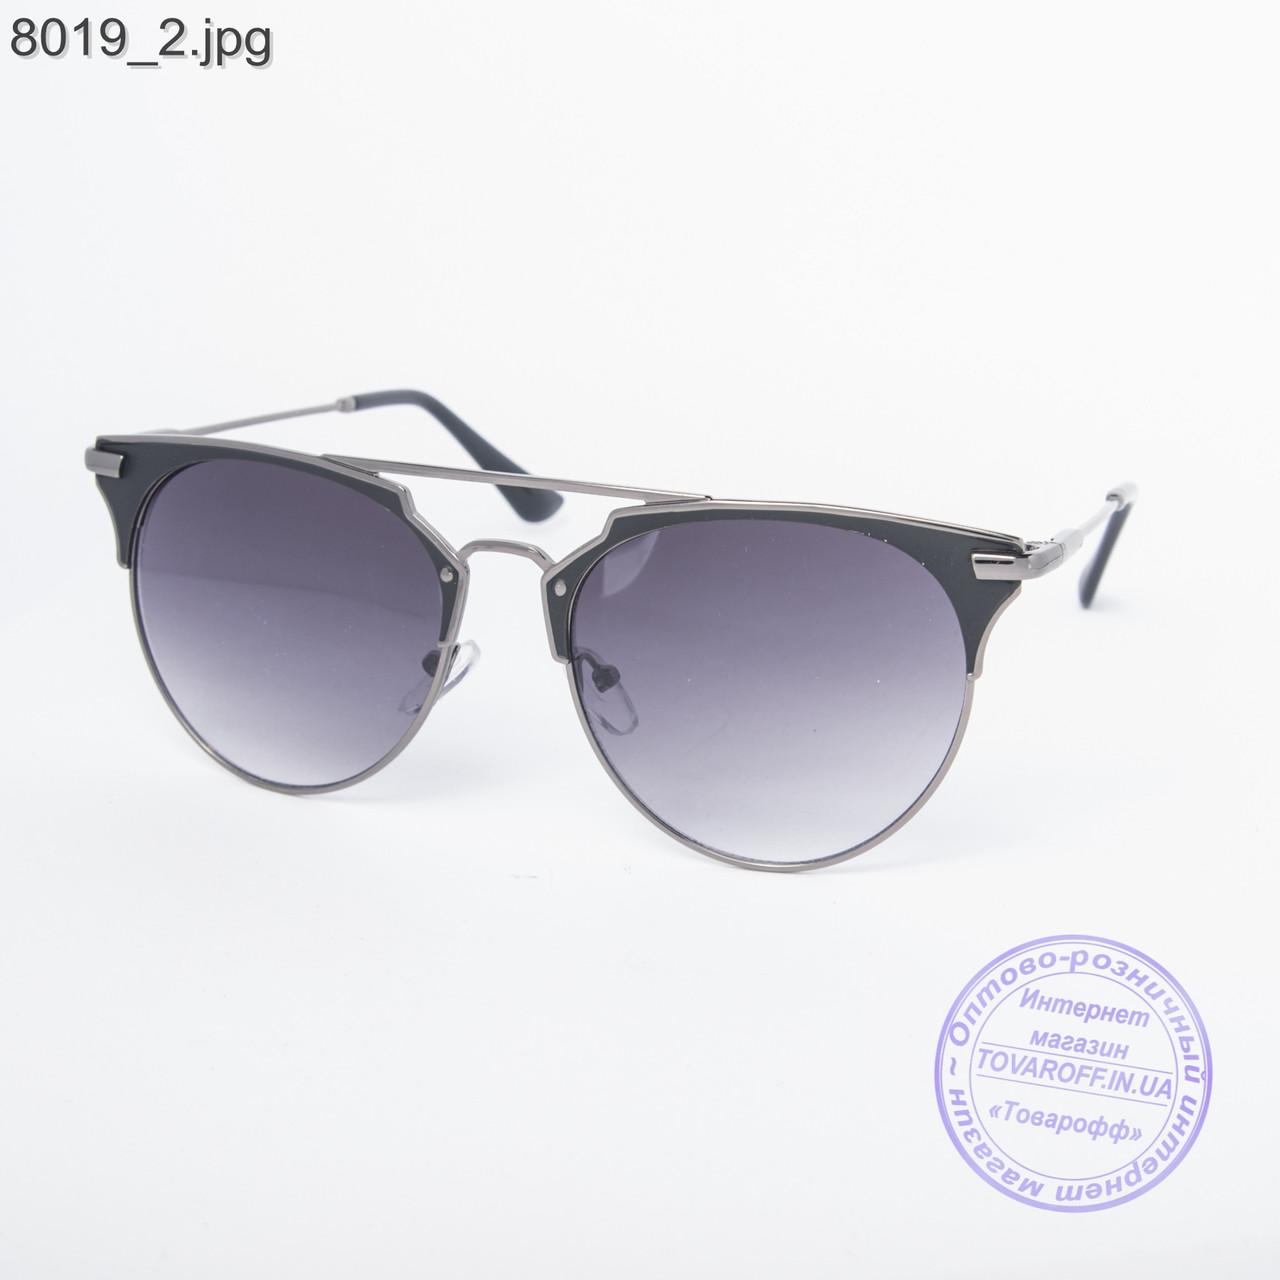 Солнцезащитные очки унисекс 8019